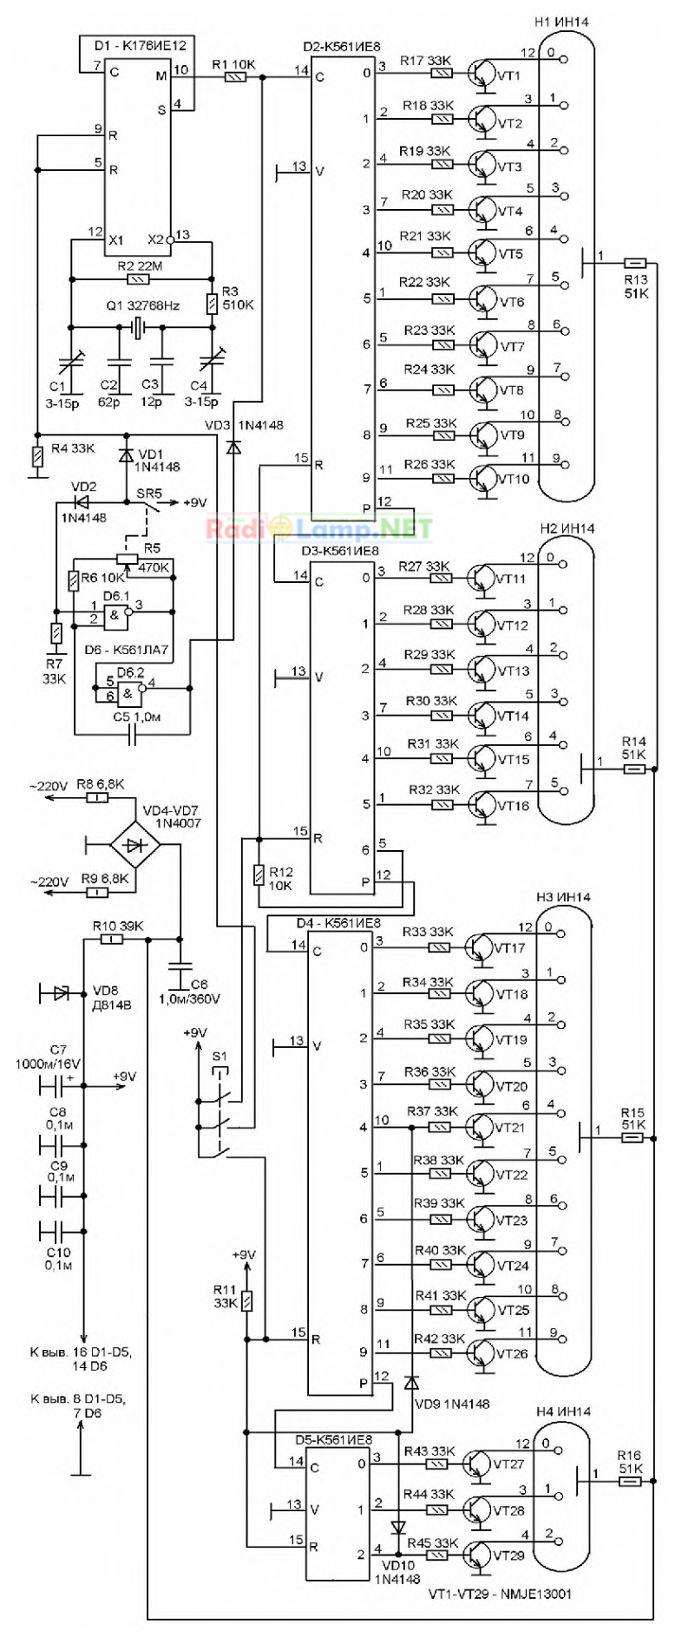 Принципиальная схема электронных цифровых часов на индикаторах ИН-12 (ИН-14, ИН-18)